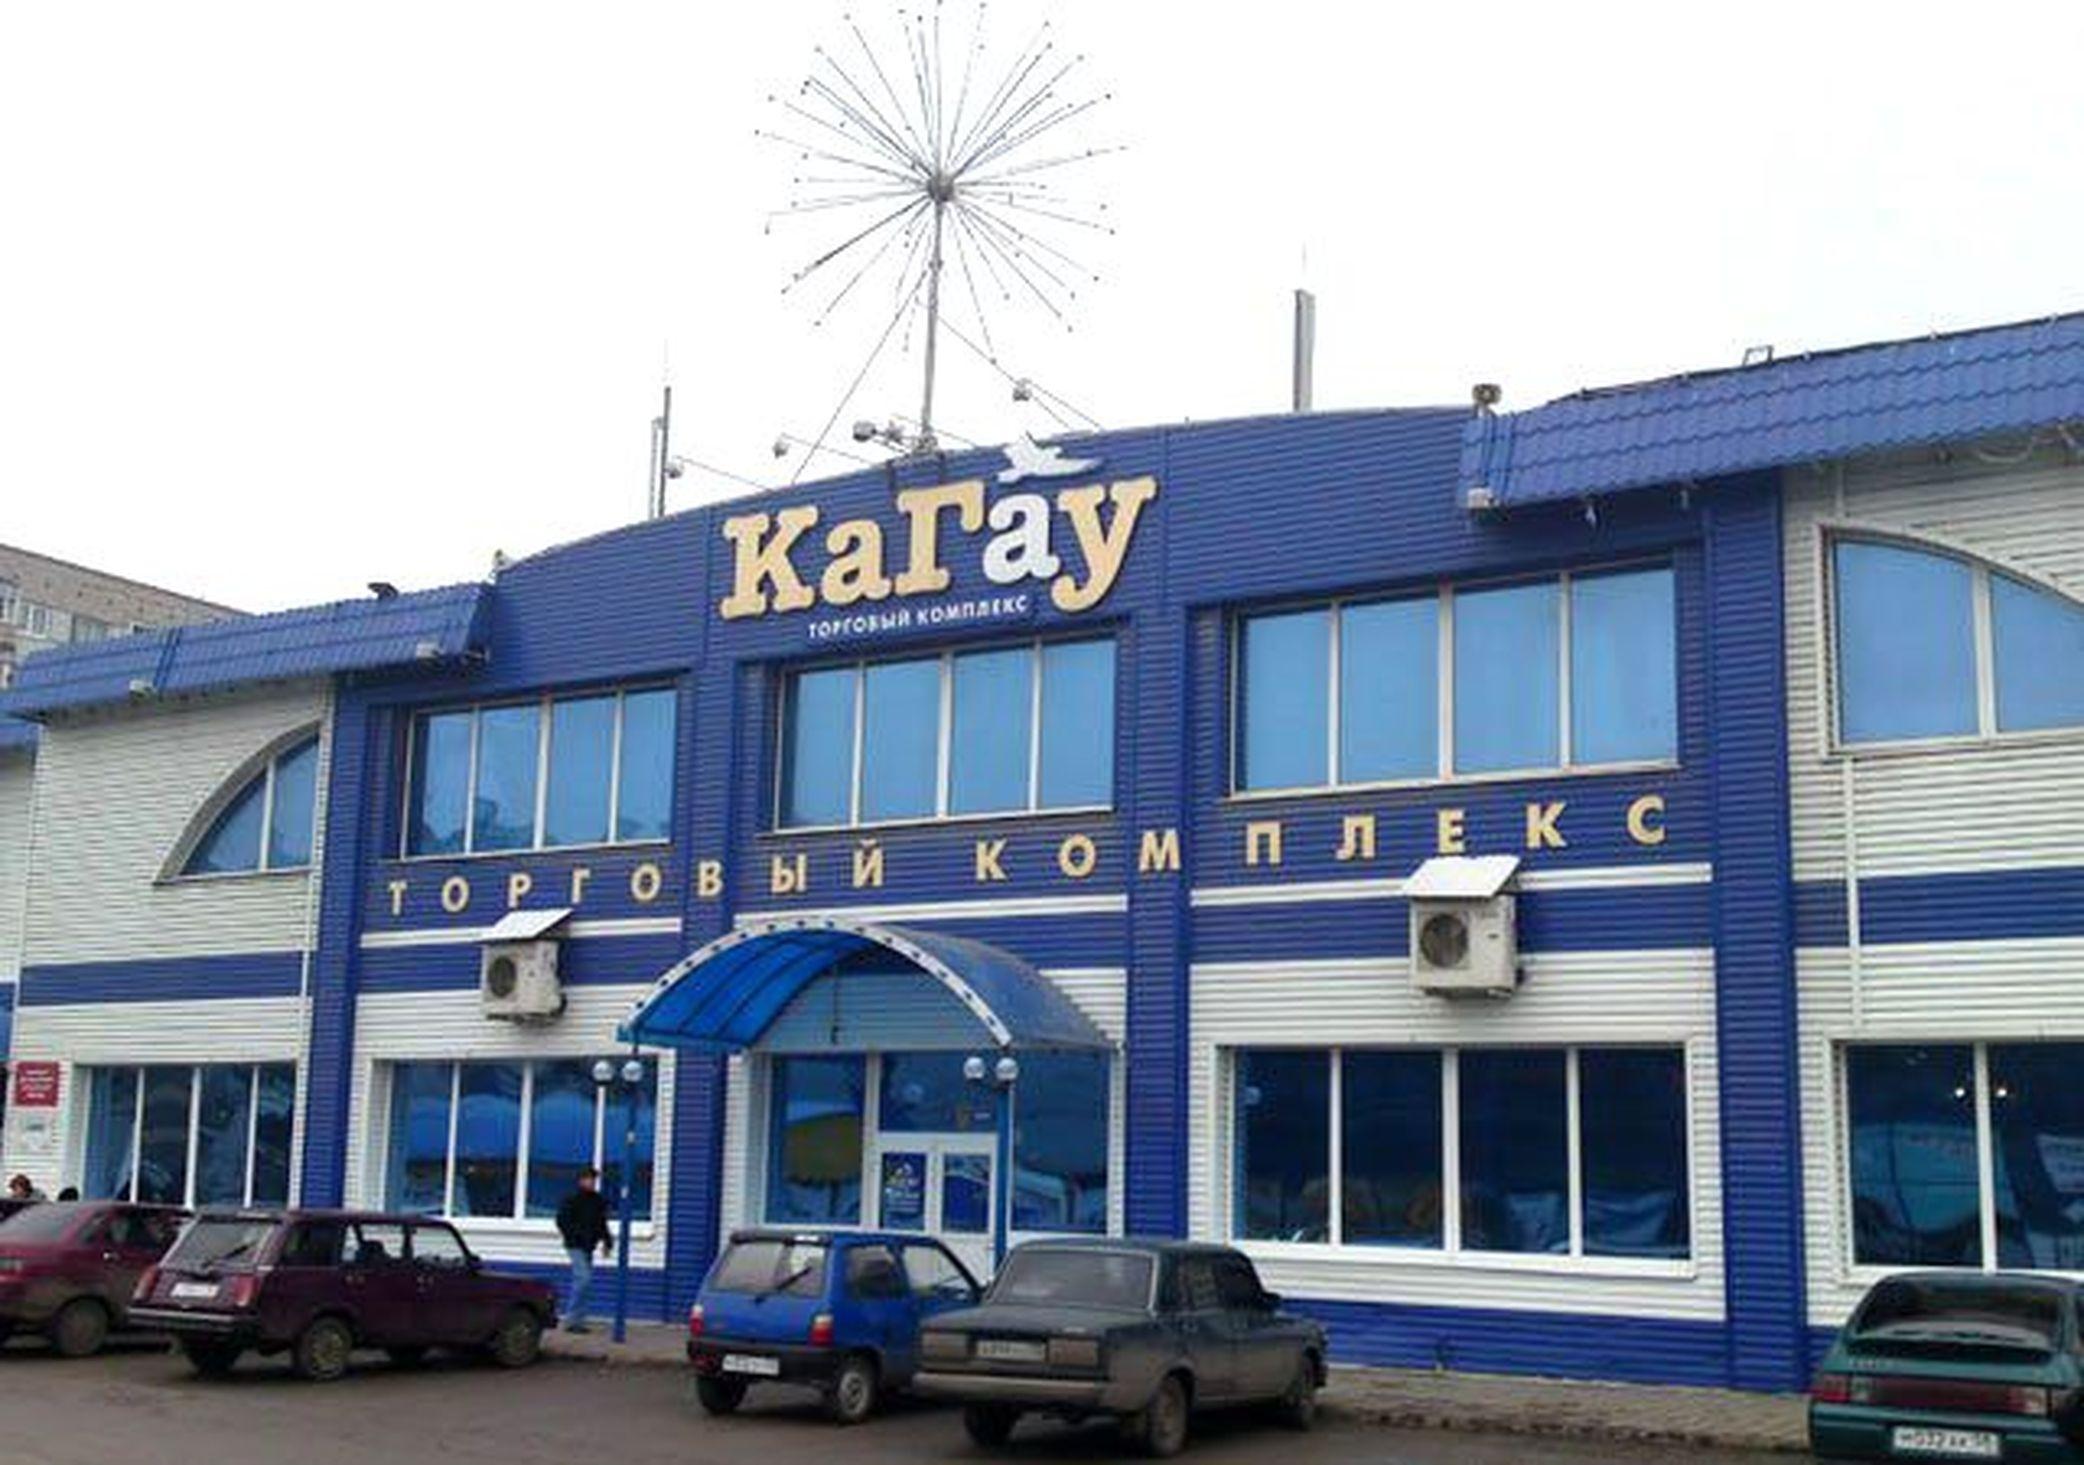 Kagau On Stroiteley, Penza